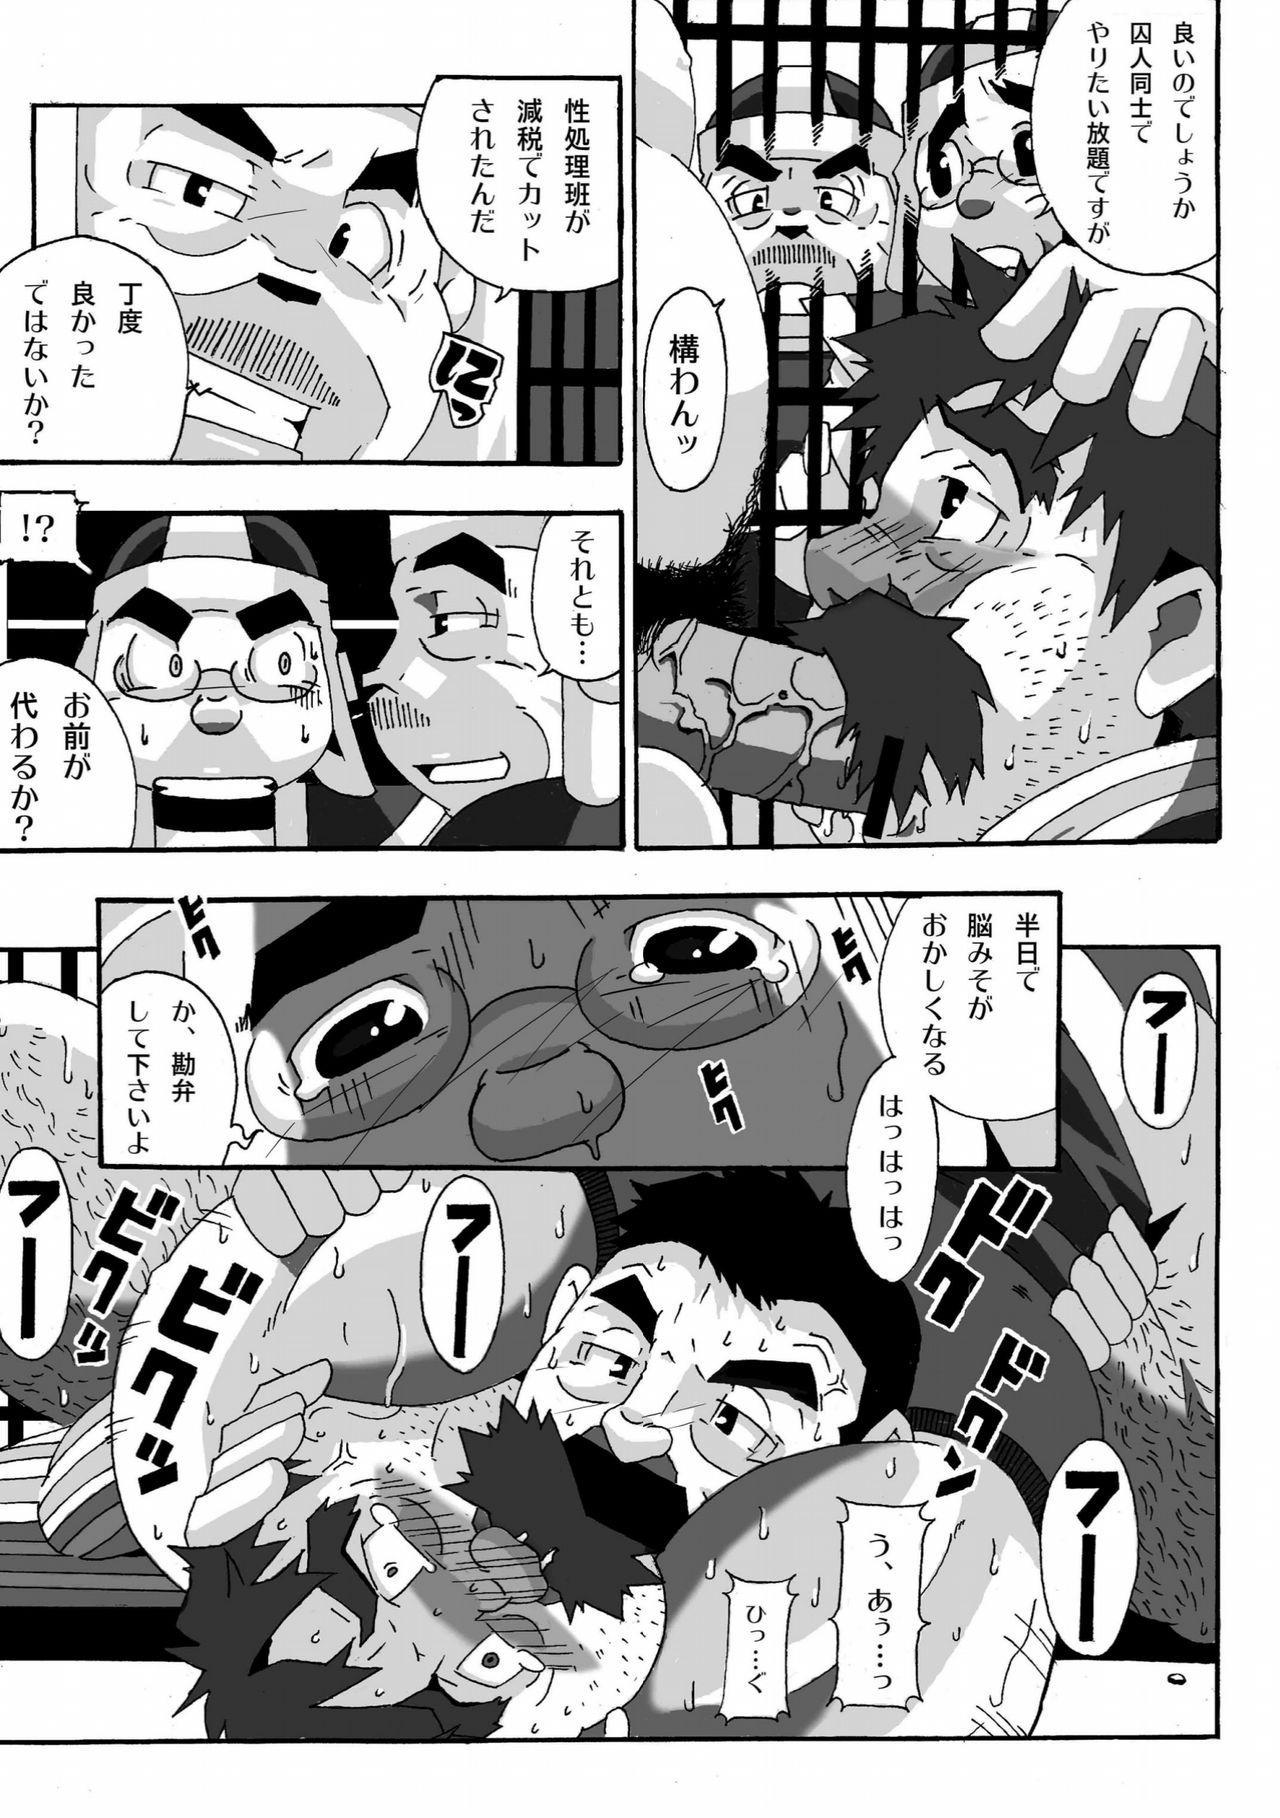 Torneko no Himitsu 20